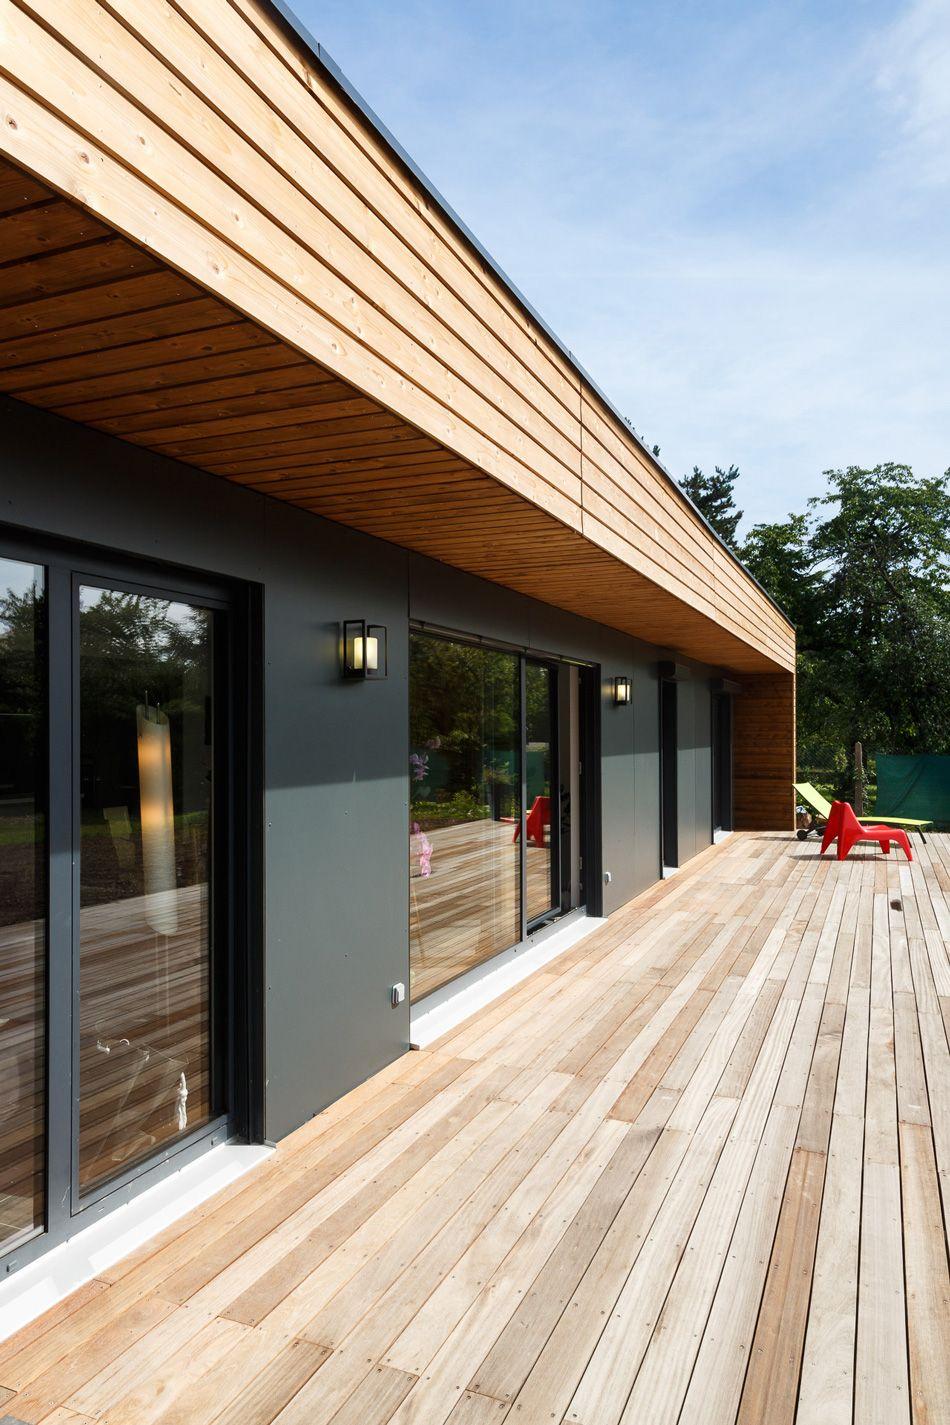 Booa Constructeur Maisons Ossature Bois A Prix Direct Fabricant Booa Maison Maison Ossature Bois Maison